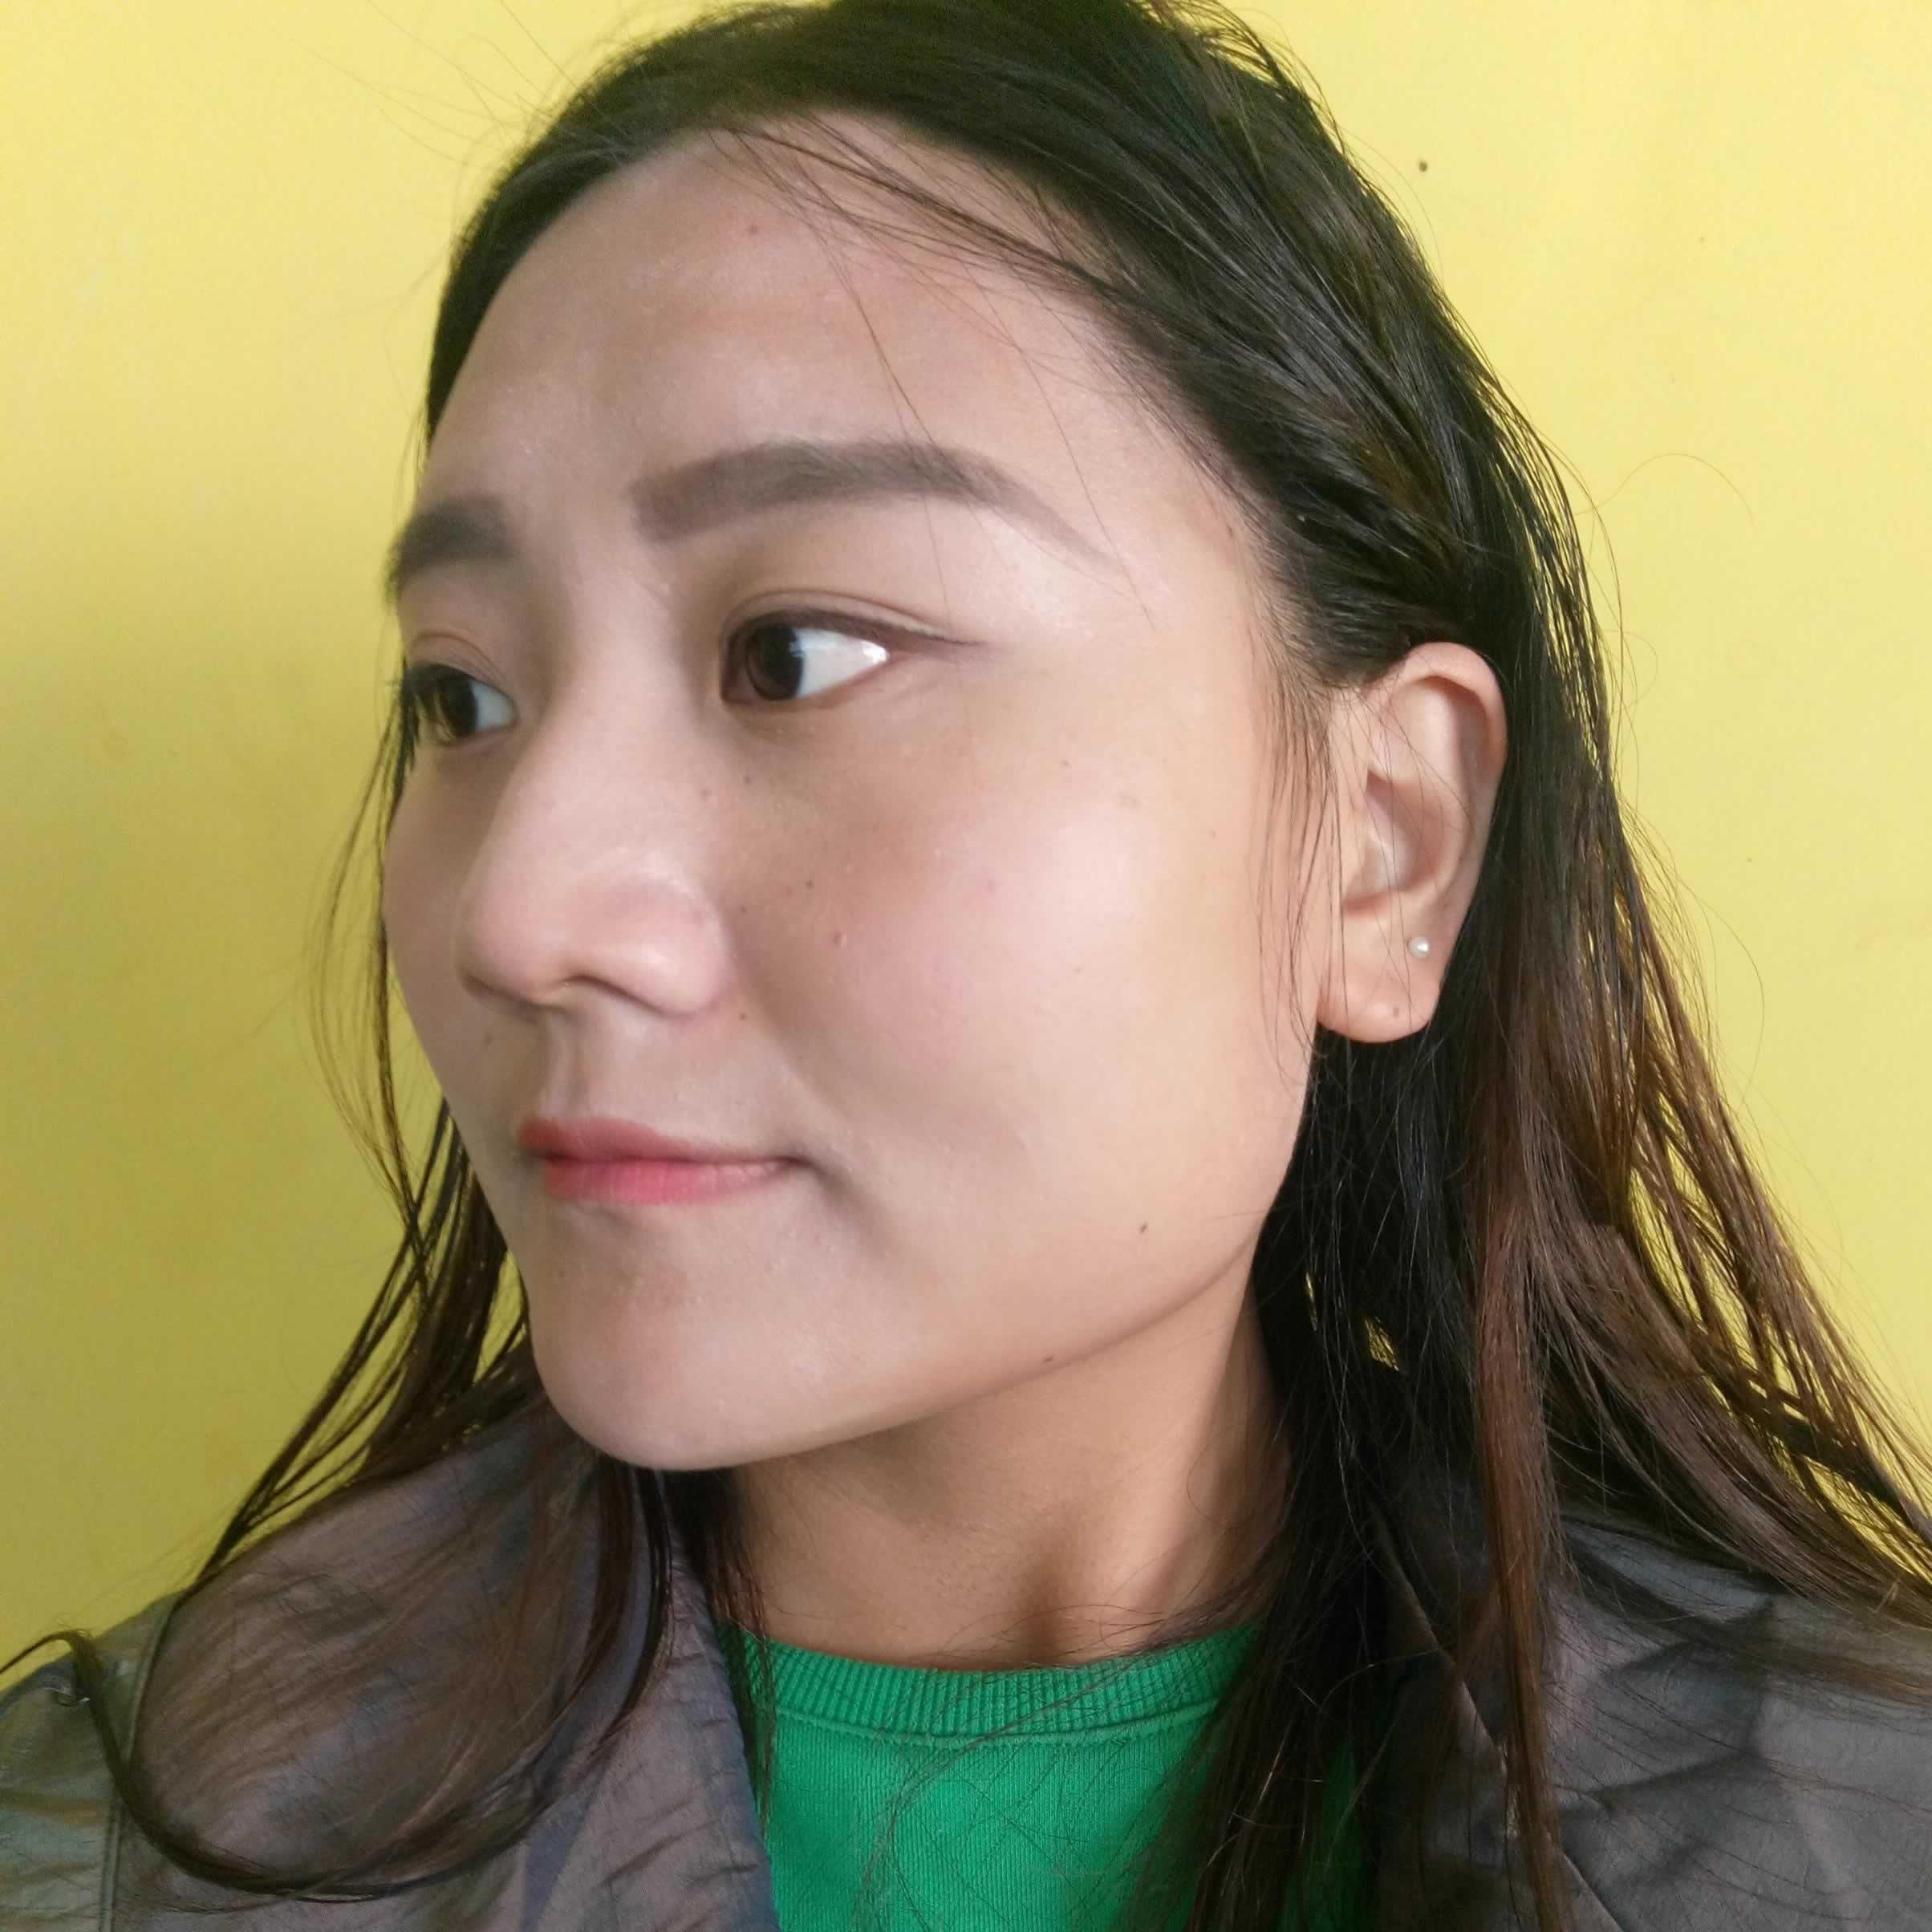 V-LINE瓜子脸手术已经做了很久了,在韩国绮林家做的